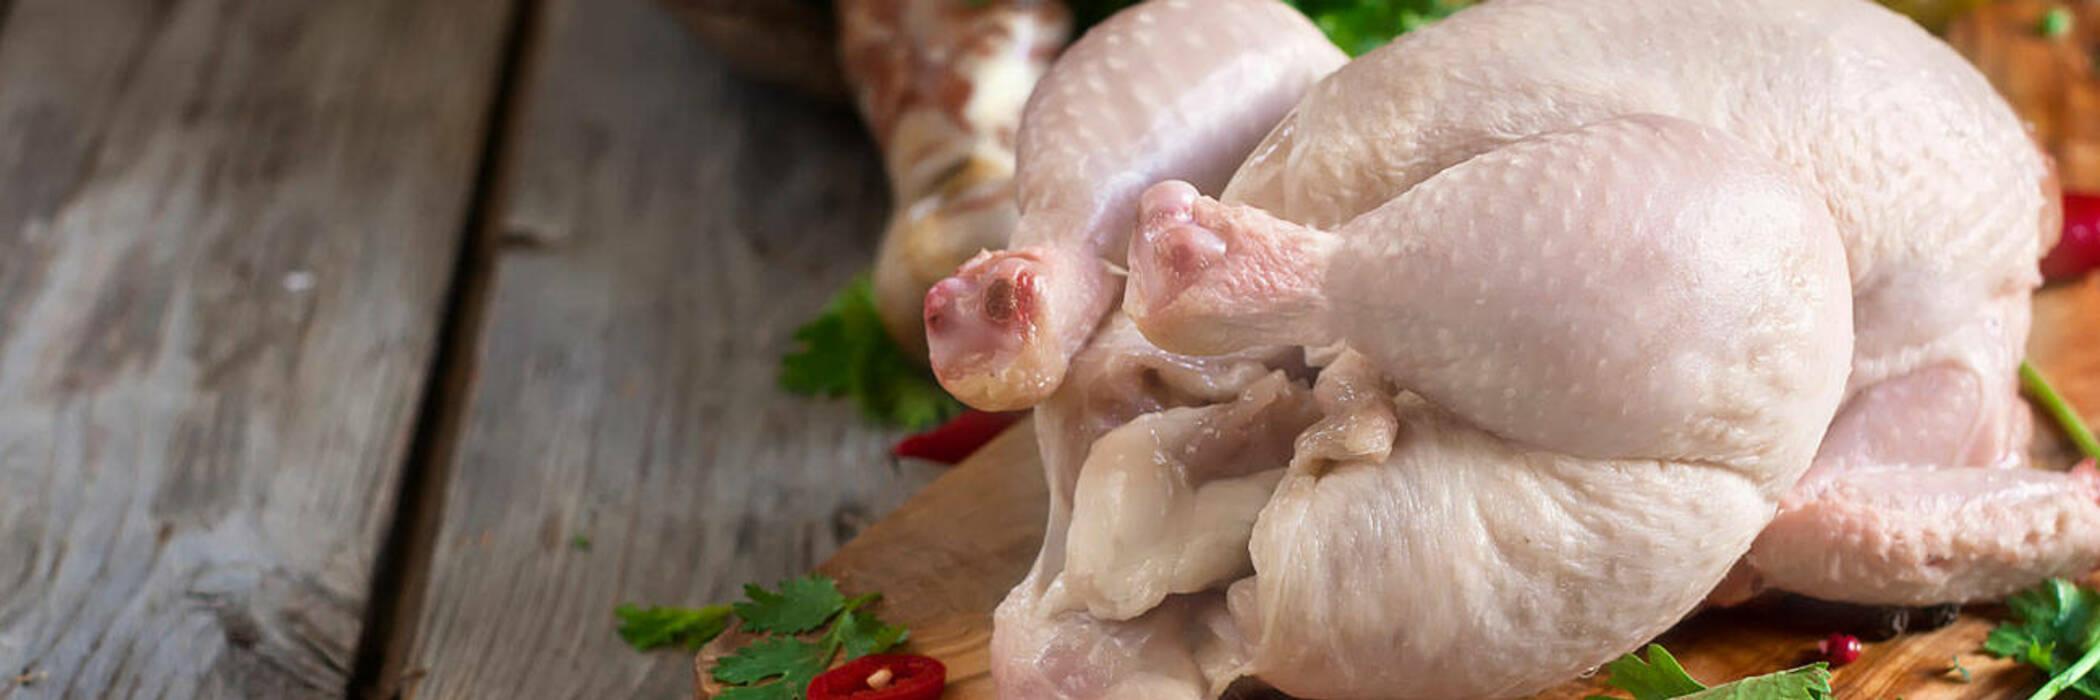 17mar chicken sizes hero